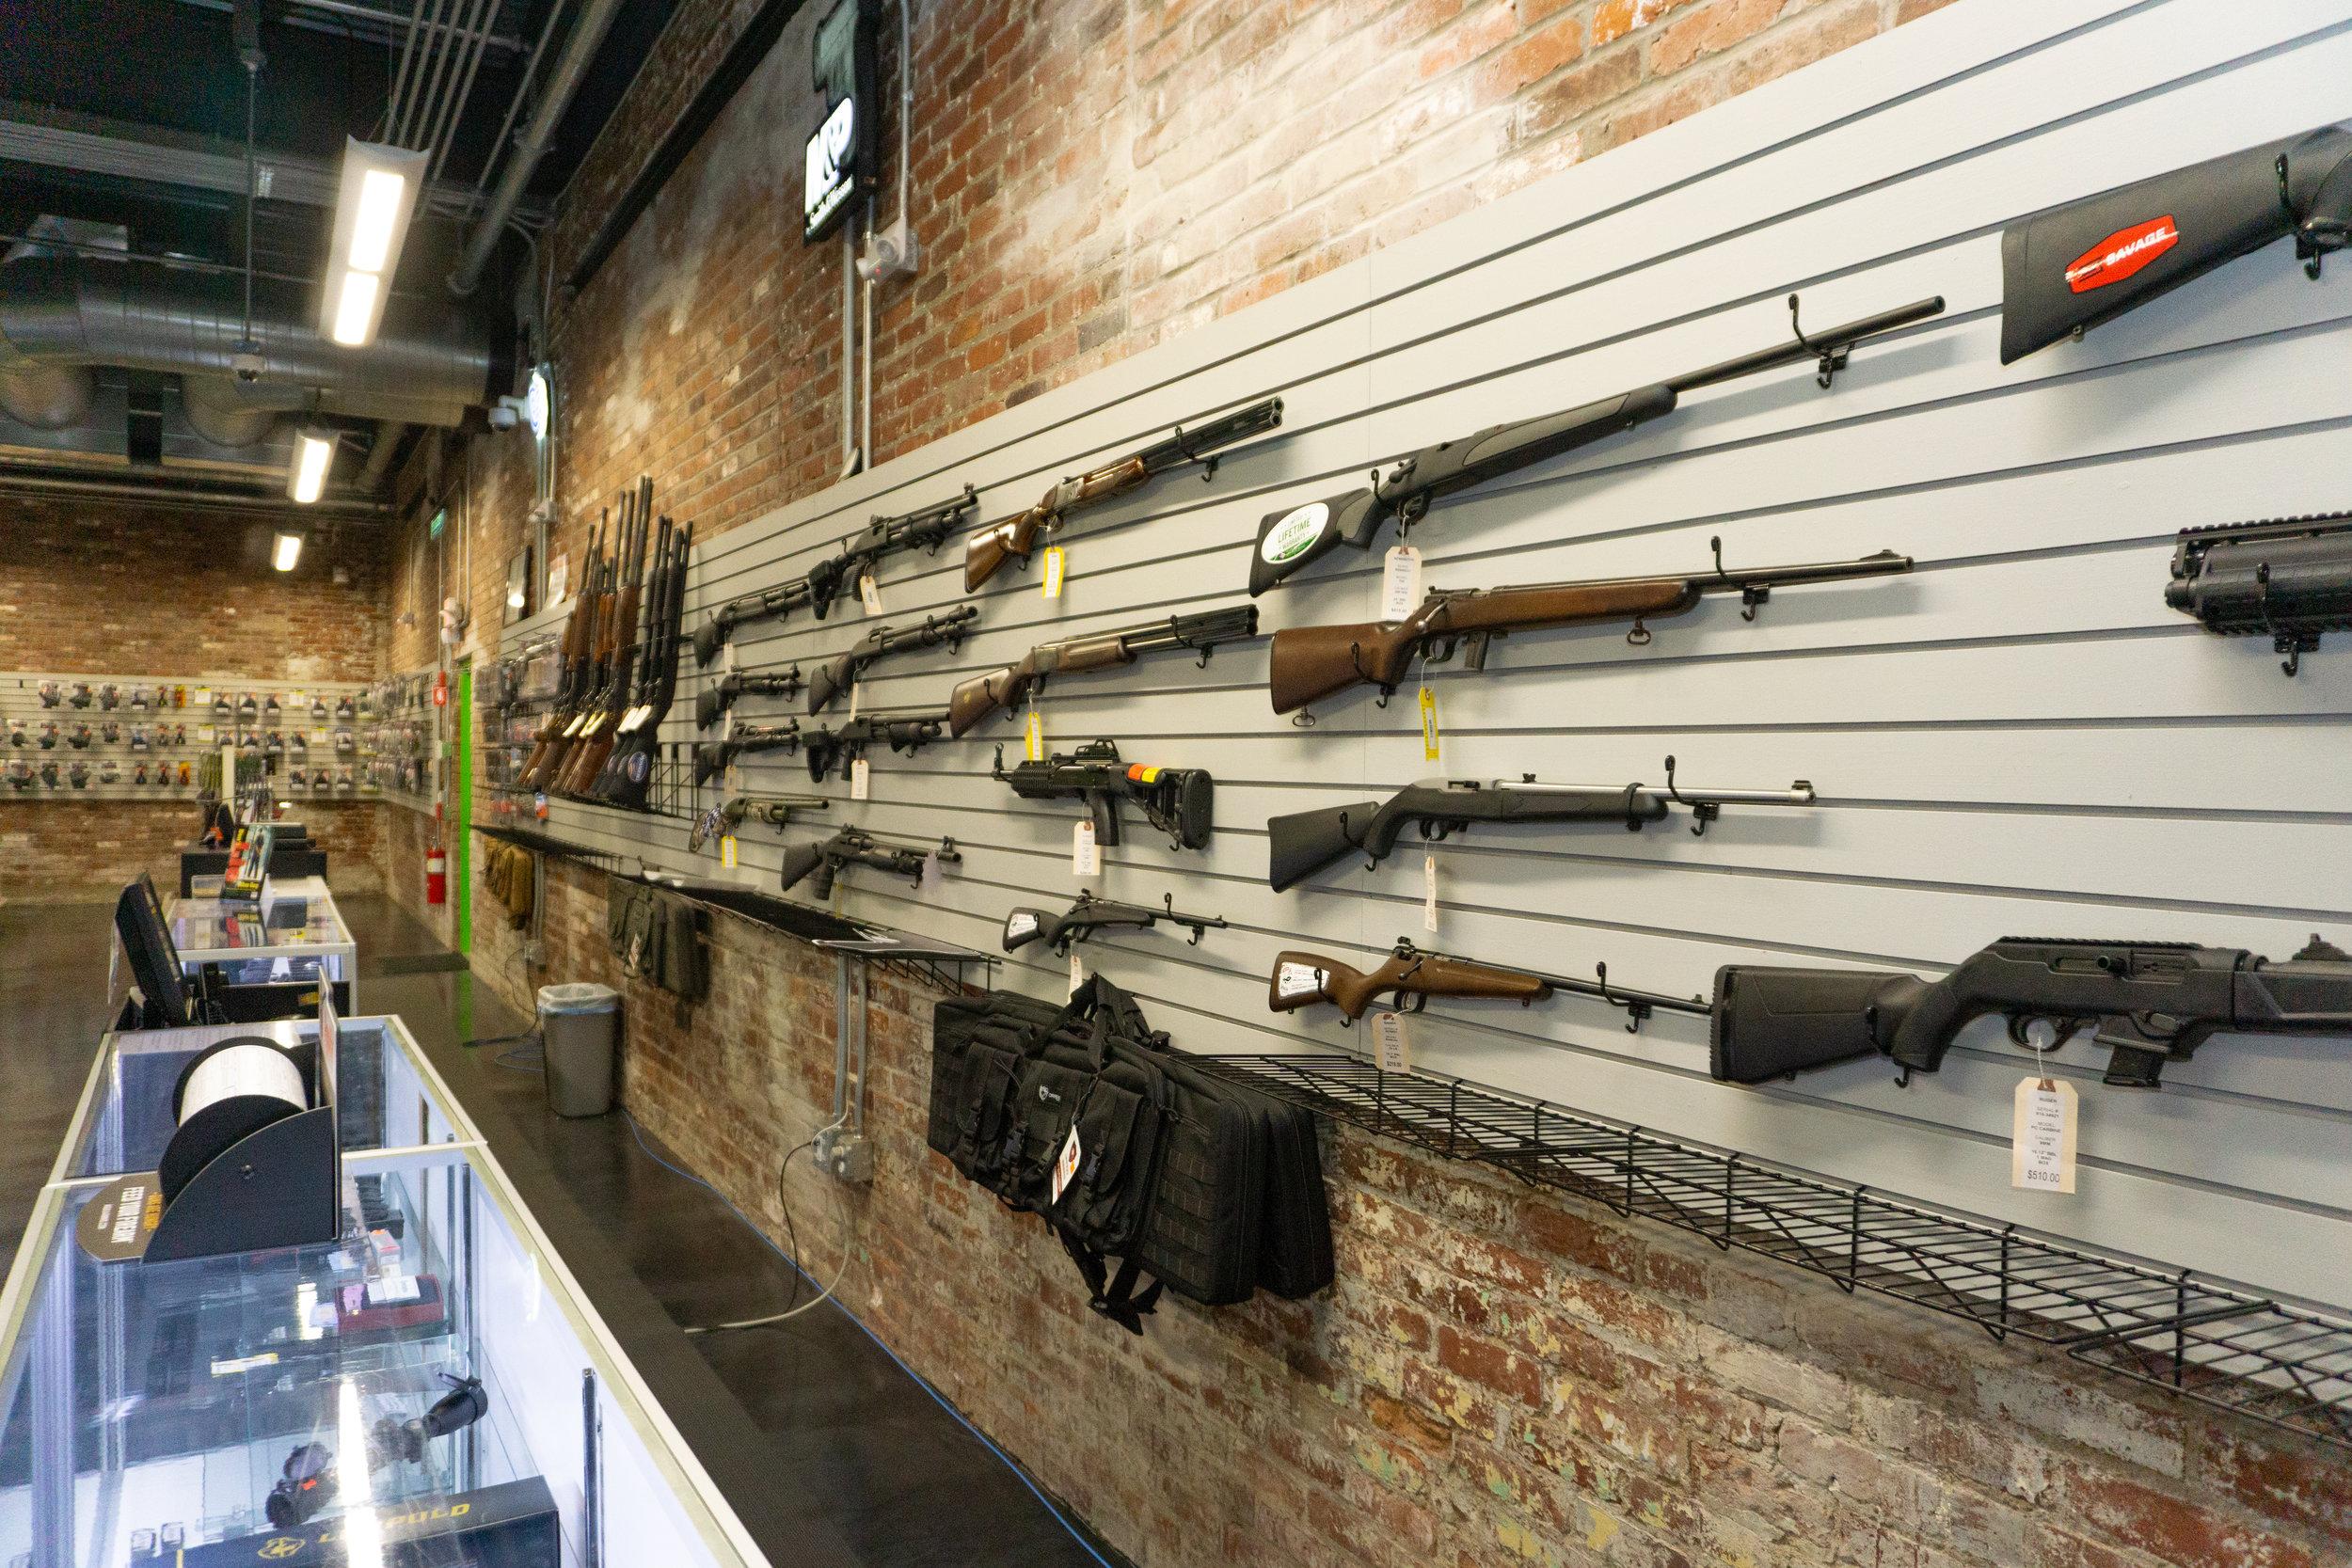 Massachusetts Gun Stores | Hot Brass (Guns Inc.)